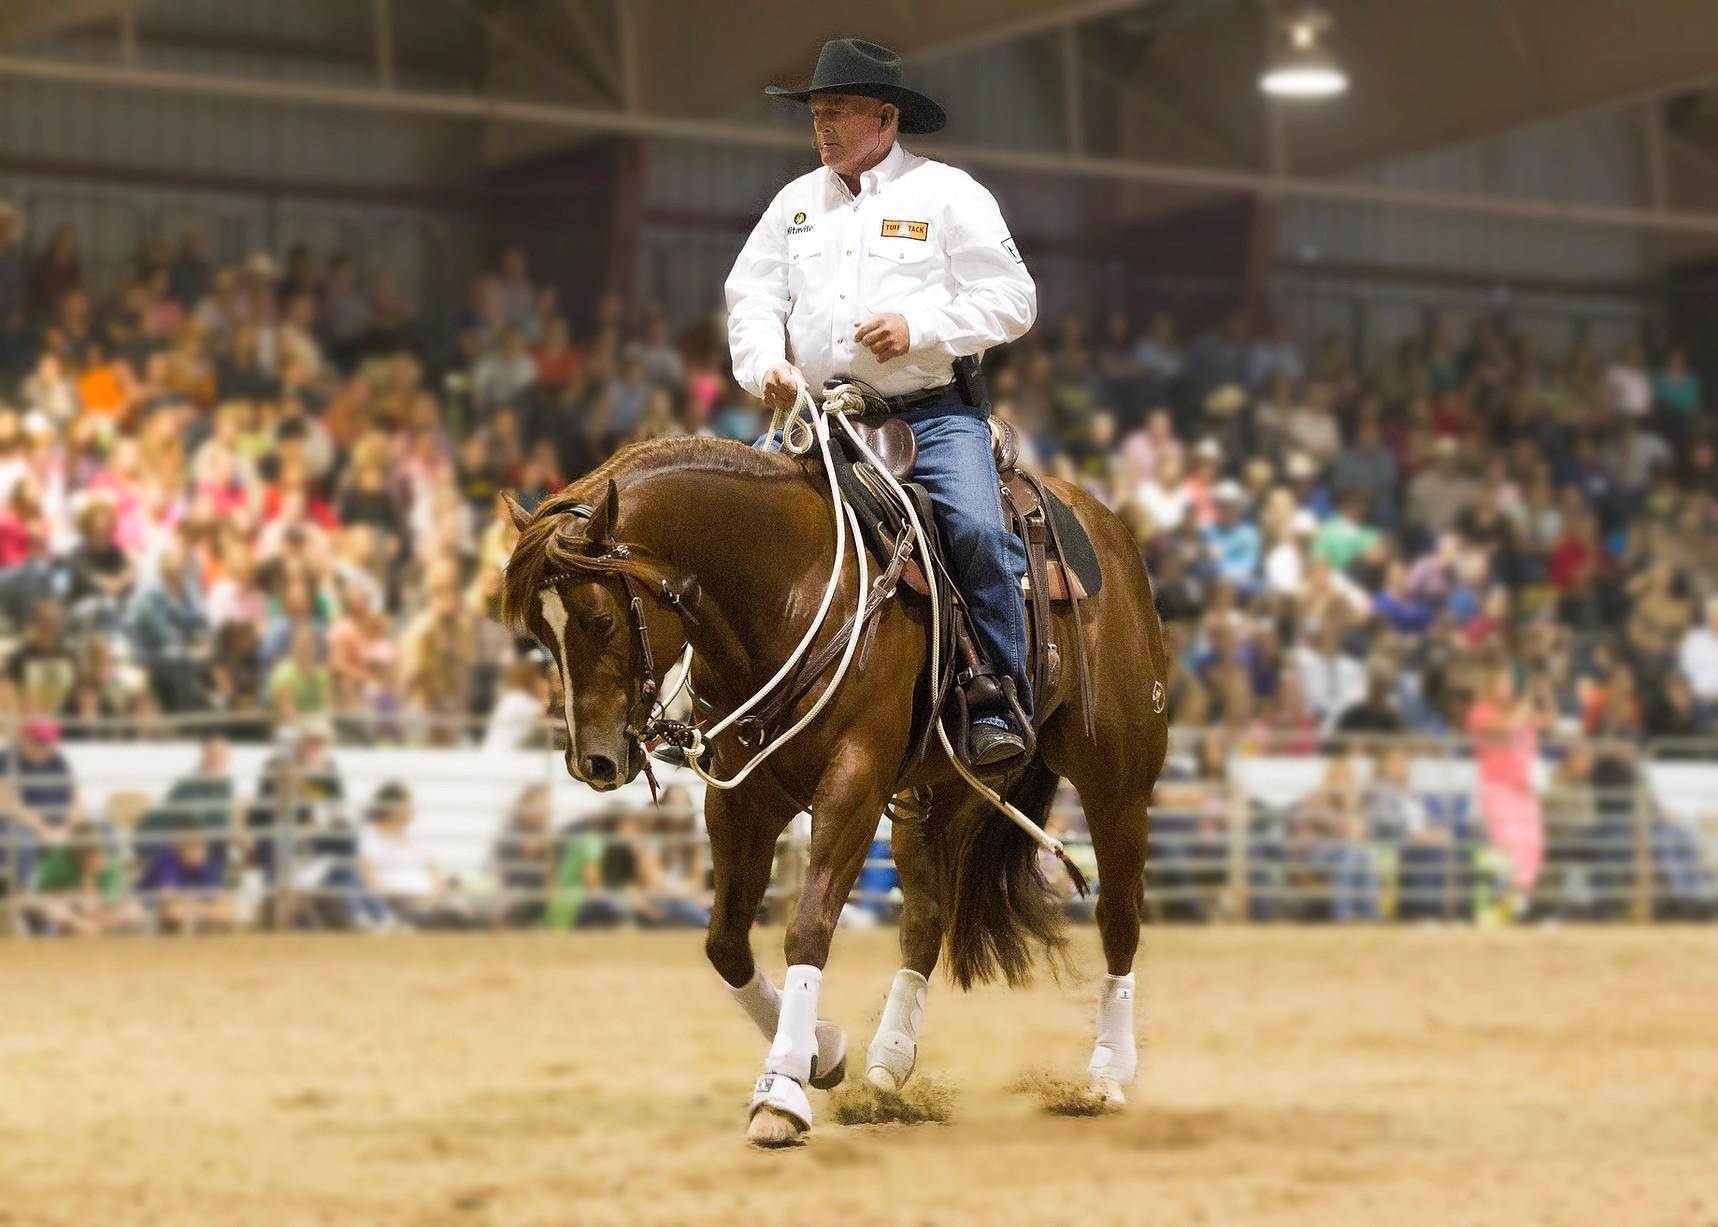 Ian Francis Horsemanship Ian Francis at Clinton Andersons Tampa Walkabout Tour